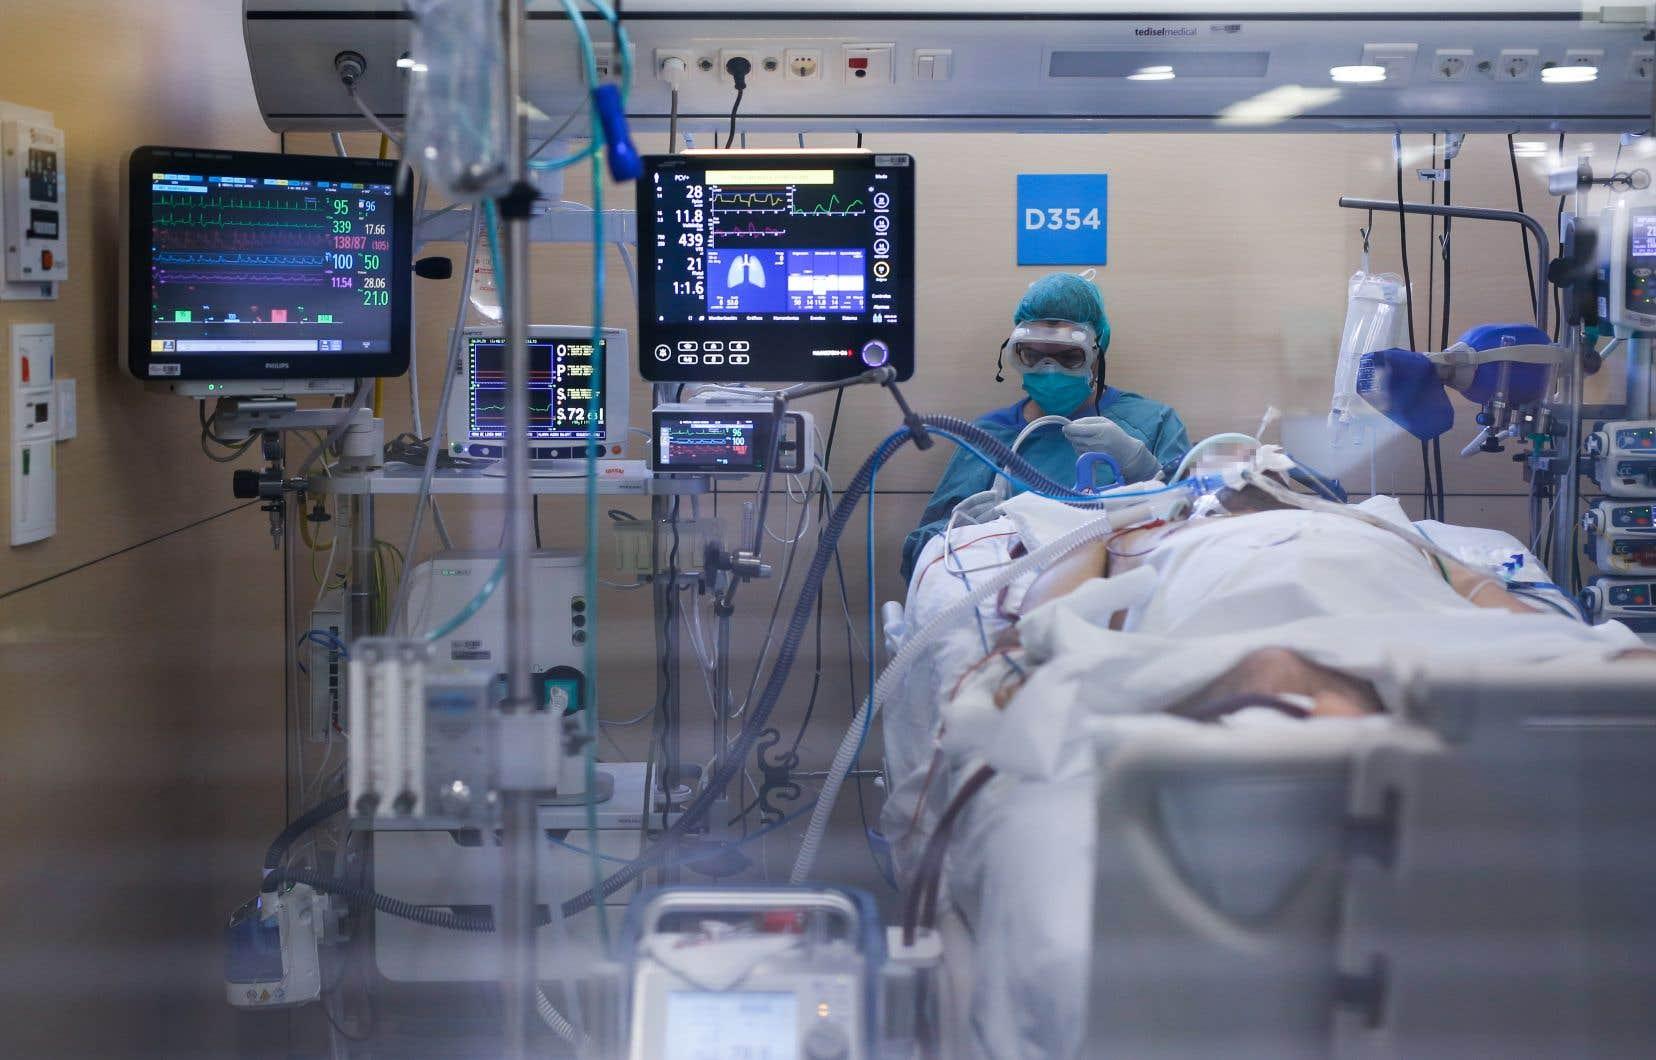 Le bilan quotidien de décès est reparti à la hausse en Espagne, mardi. Sur notre photo: un travailleur de la santé vêtu d'une combinaison prodiguait des soins à patient au département de soins intensifs de l'Hôpital Vall d'Hebron, à Barcelone, lundi.